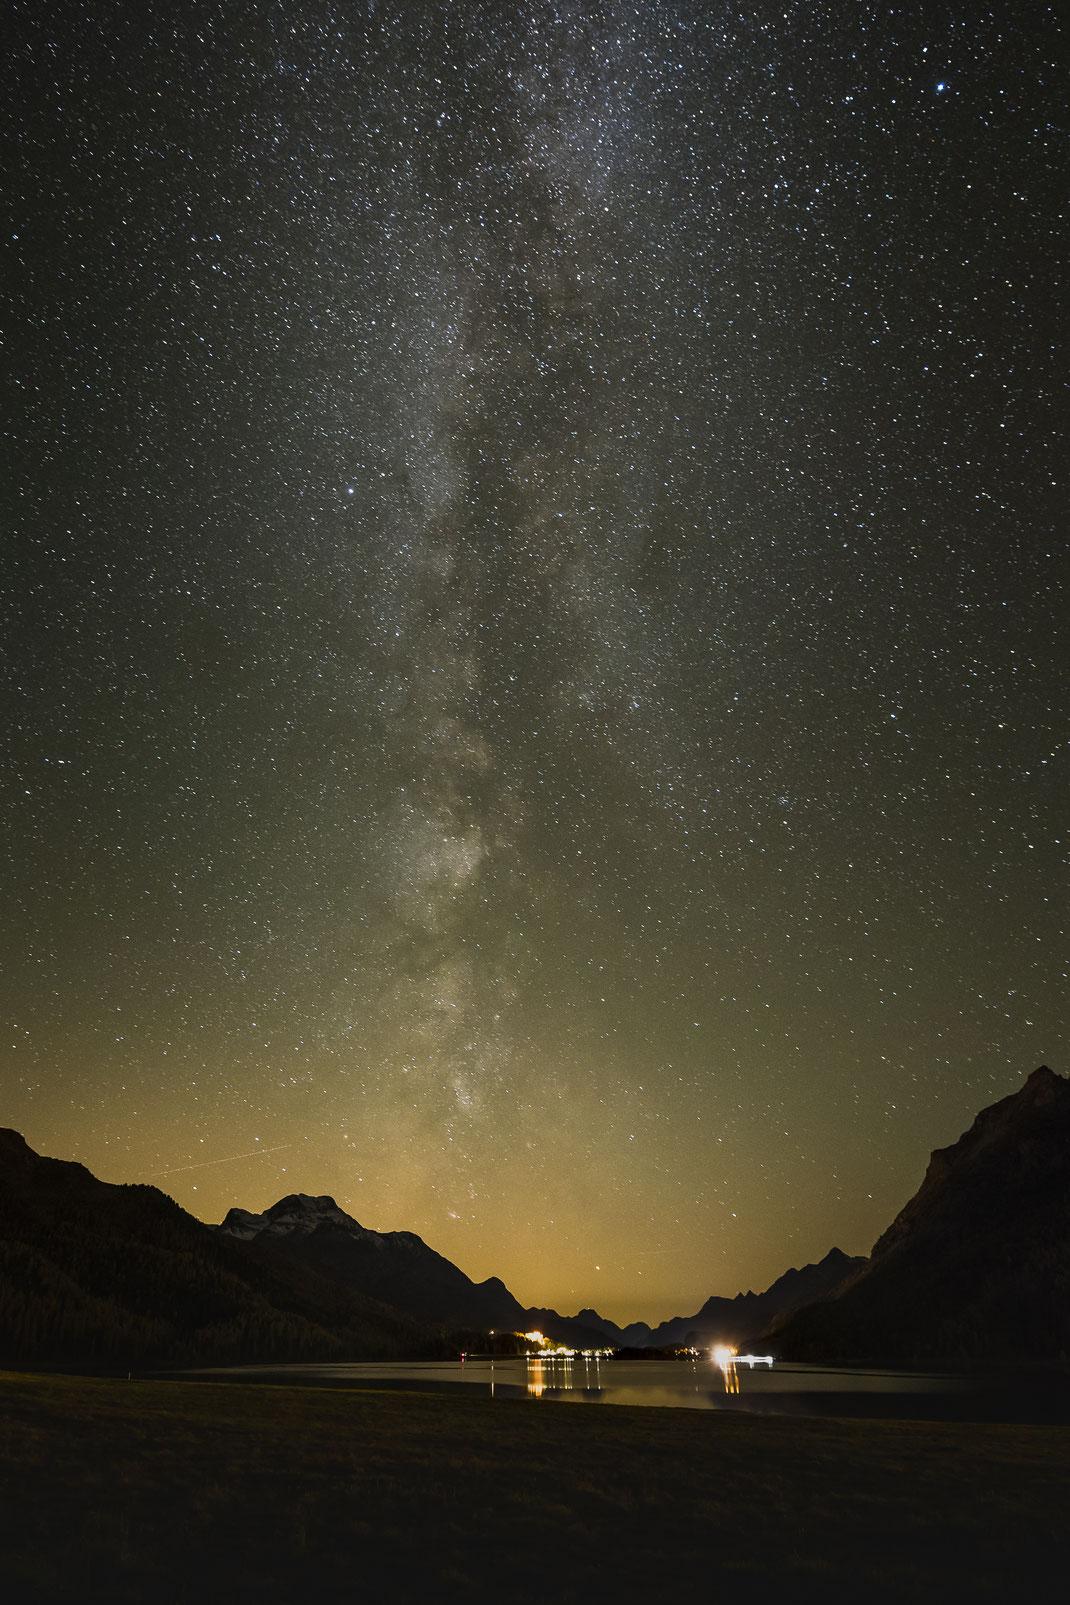 Milchstrasse, Milky Way, Silvaplana, Silvaplanersee, Engadin, Graubünden, Schweiz, www.dk-photography.ch, Photographer: Daniel Kneubühl